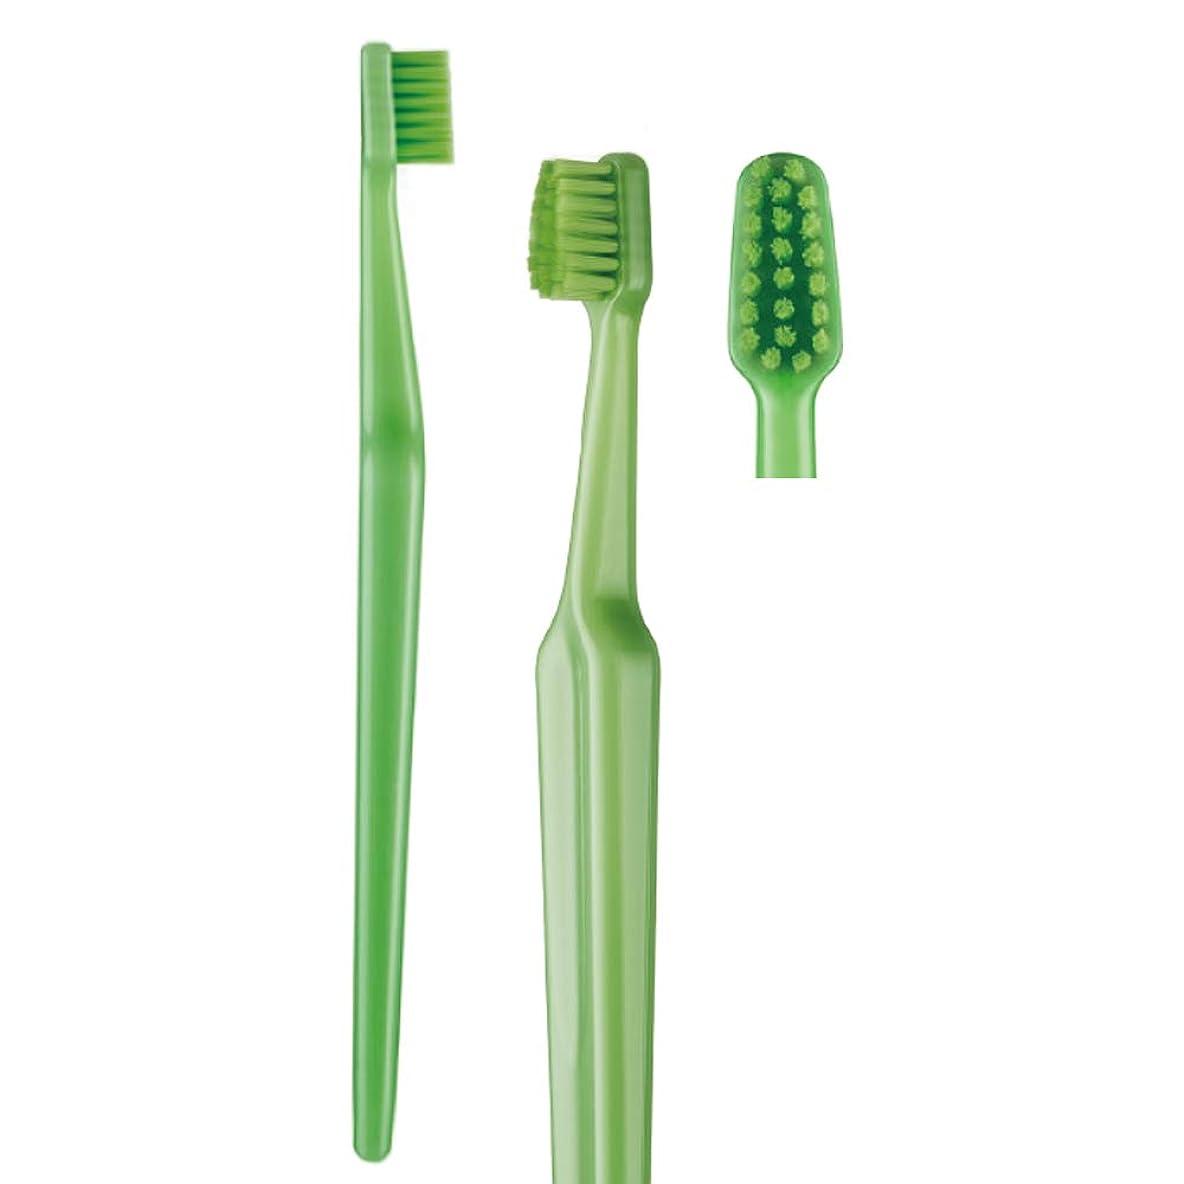 承認する透過性一掃する歯科専売品 大人用歯ブラシ TePe GOOD (グッド) ミニ エクストラソフト(超やわらかめ) ヘッド小 1本